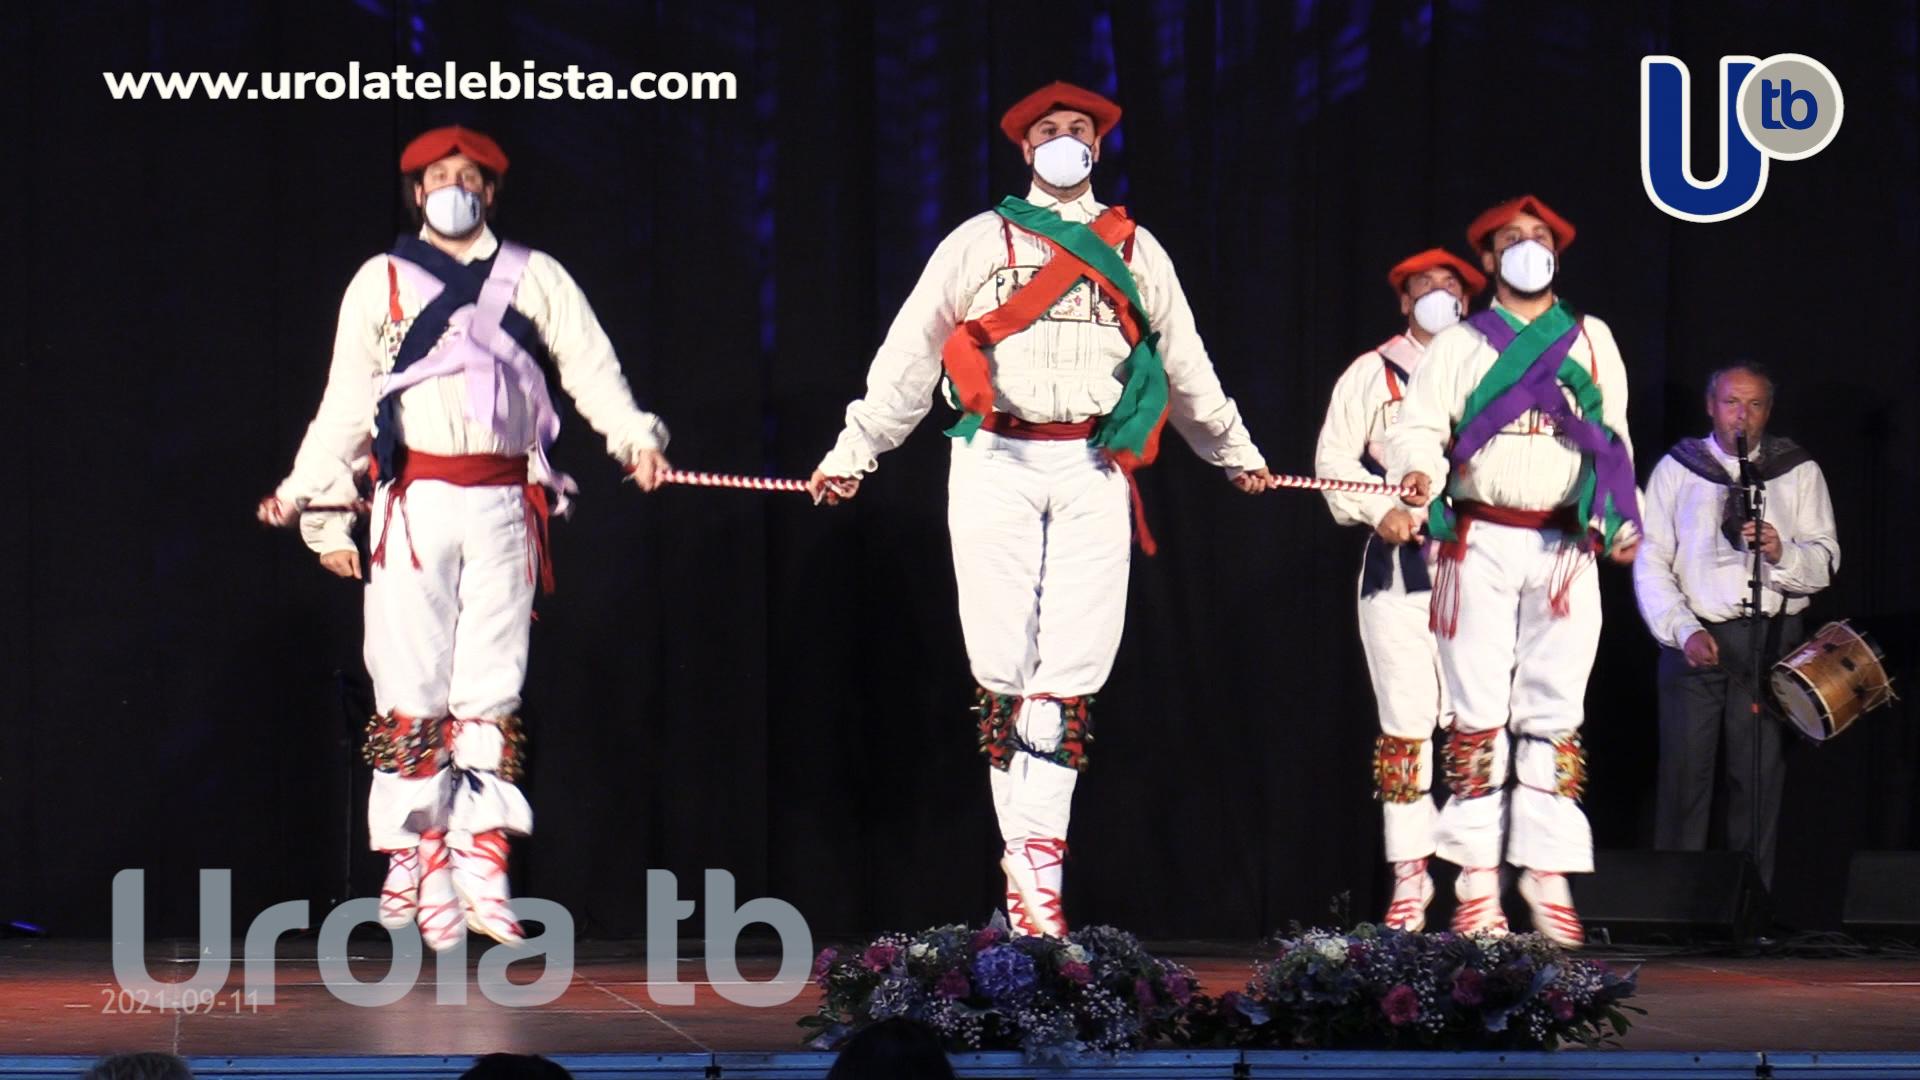 Urretxu: Actividades Culturales de septiembre / Urretxu: iraileko ekintza kulturalak. Festival Internacional de Folklore.